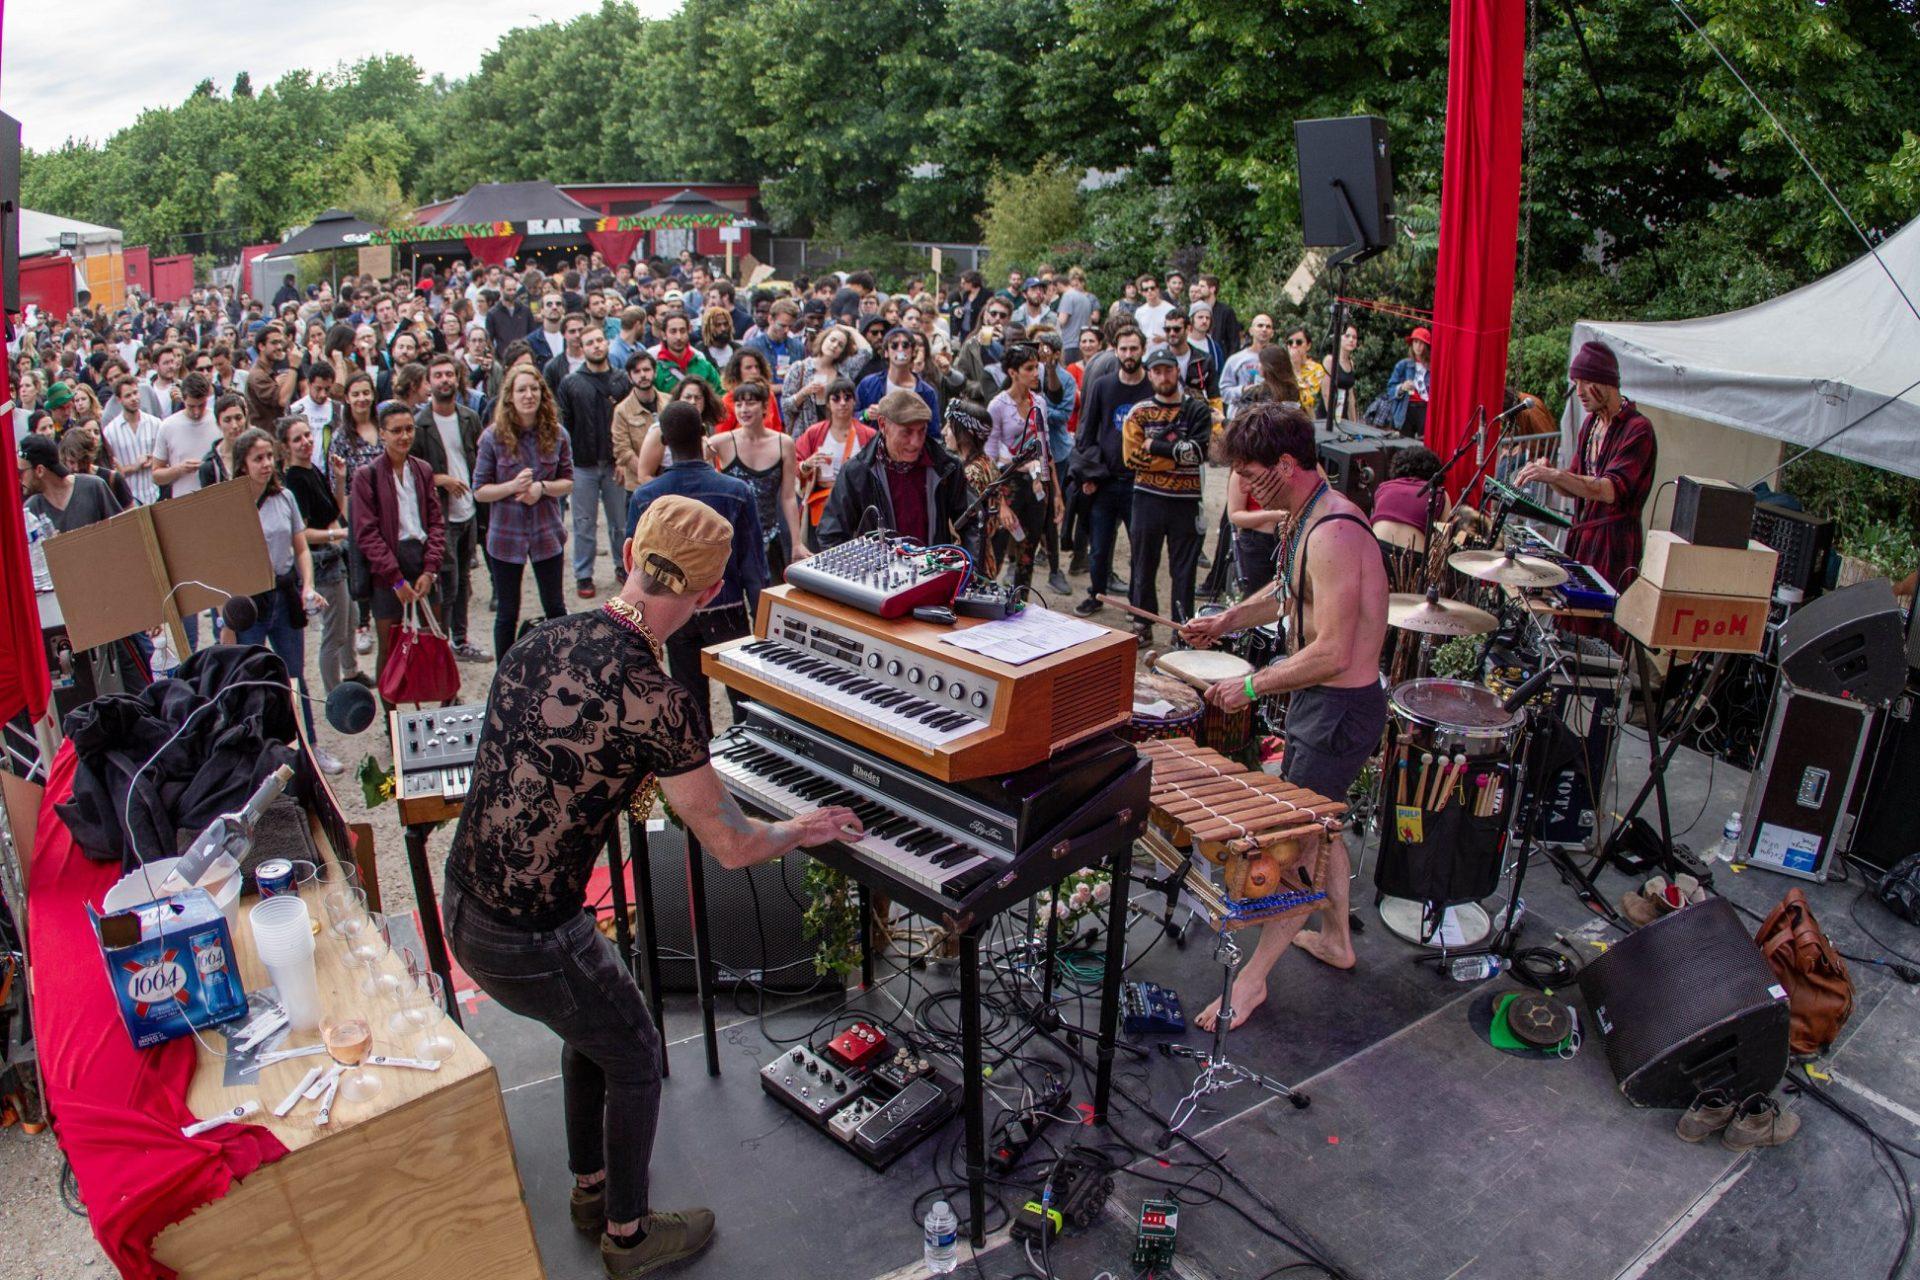 foule devant une scène en openair avec deux pianos sur la scène et 2 musiciens sur scène